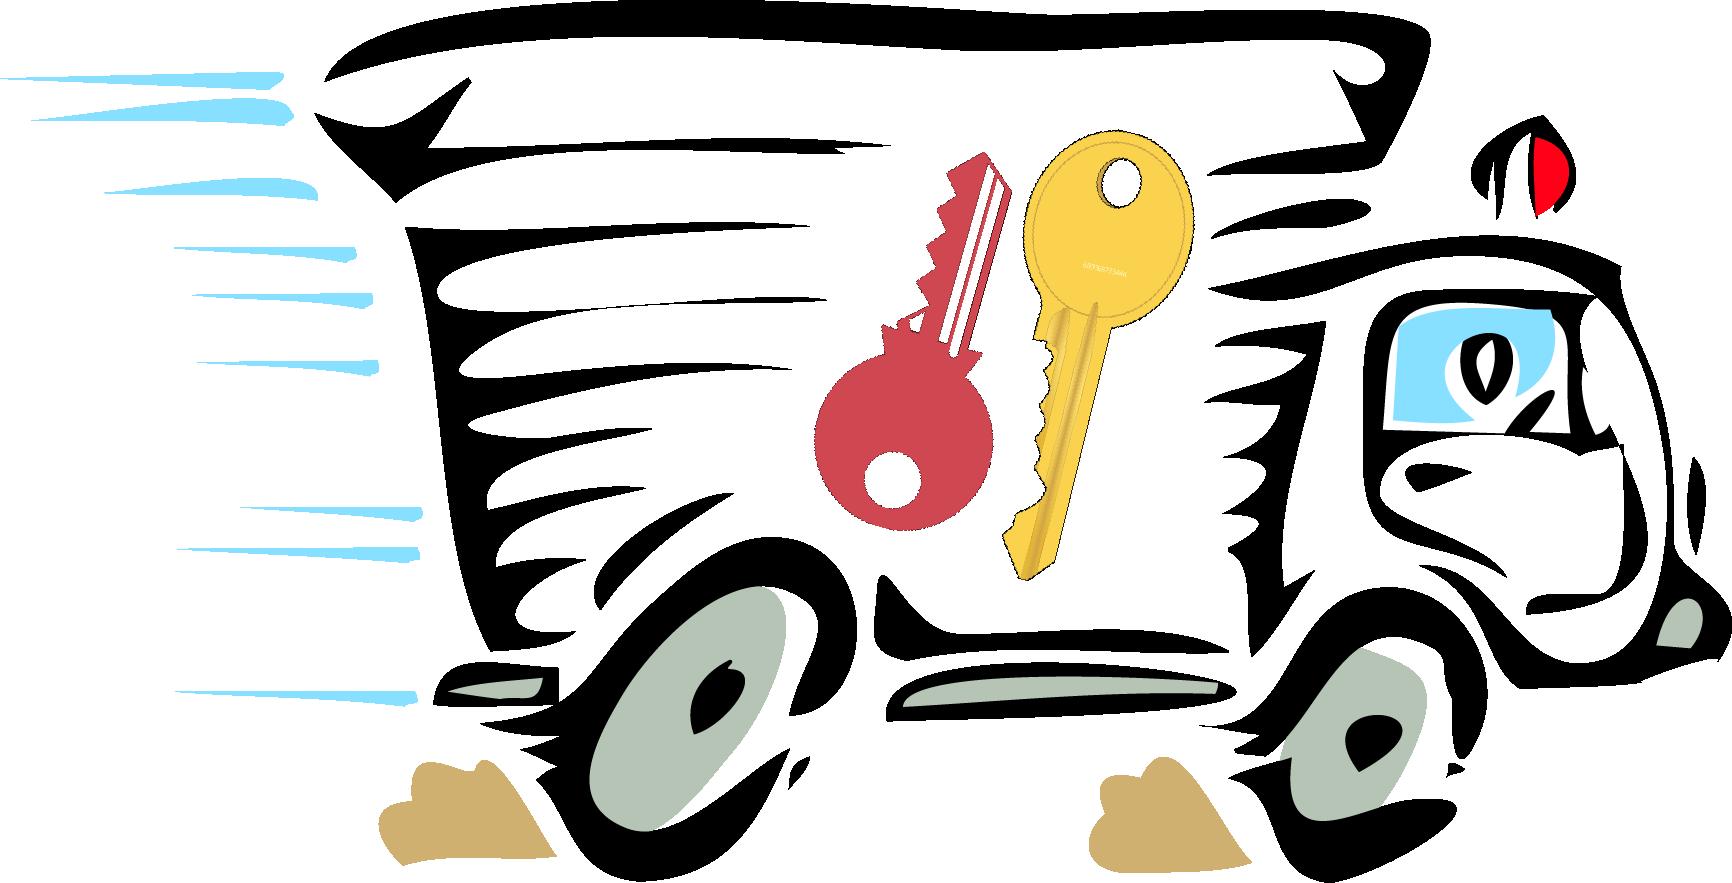 Schlüsseldienst Essen Schlüsselnotdienst Essen Schlüssel Notdienst Essen Schlüsseldienst Notdienst Essen Türöffnung Essen Notöffnung Essen Autoöffnung Essen zugefallene Tür öffnen Schlüssel verloren Essen Tür schließt nicht Essen Tür Öffnung Essen Einbruchschutz Essen